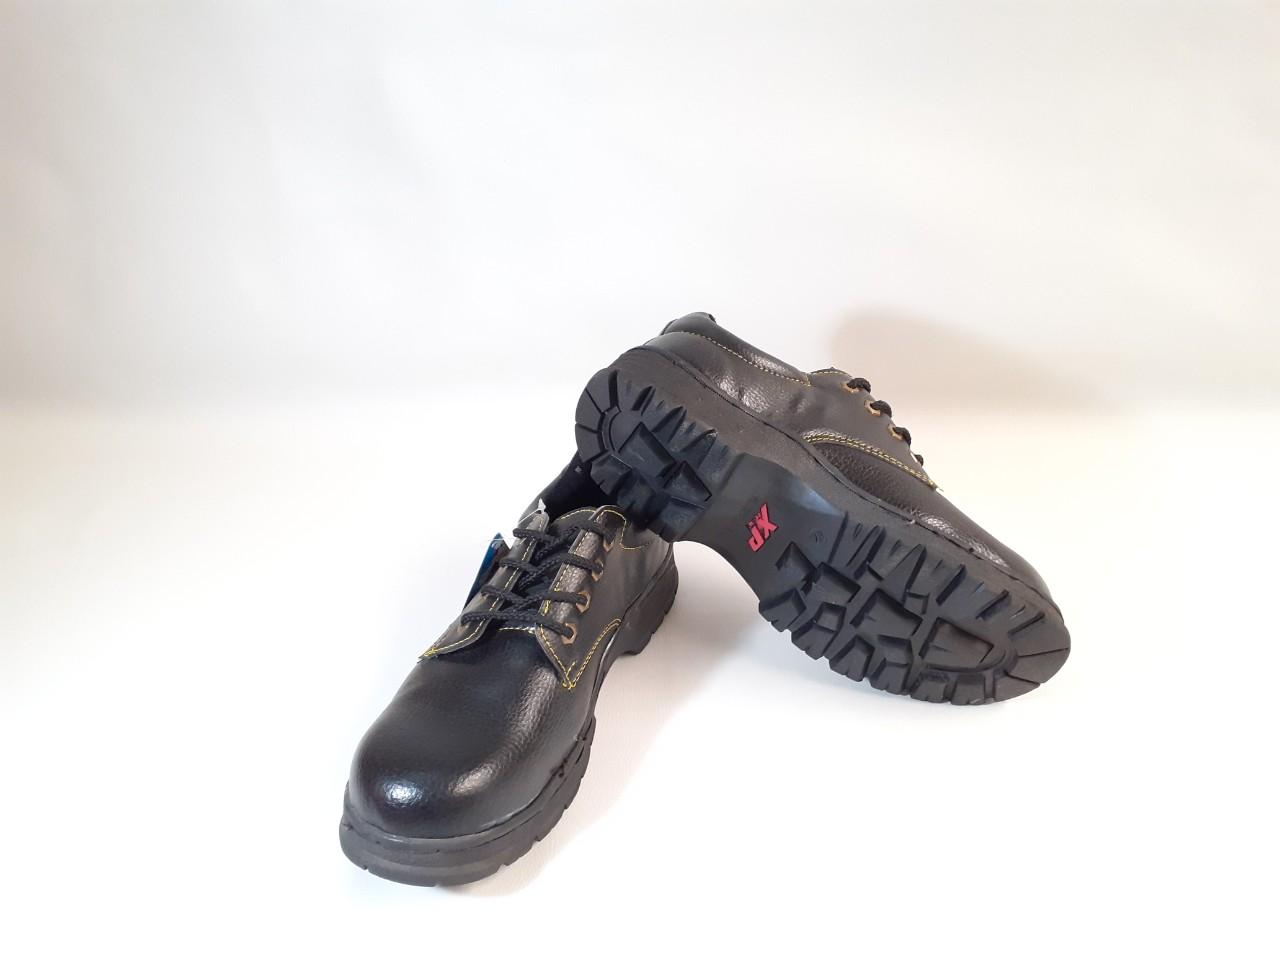 Giày bảo hộ lao động XP 368-2